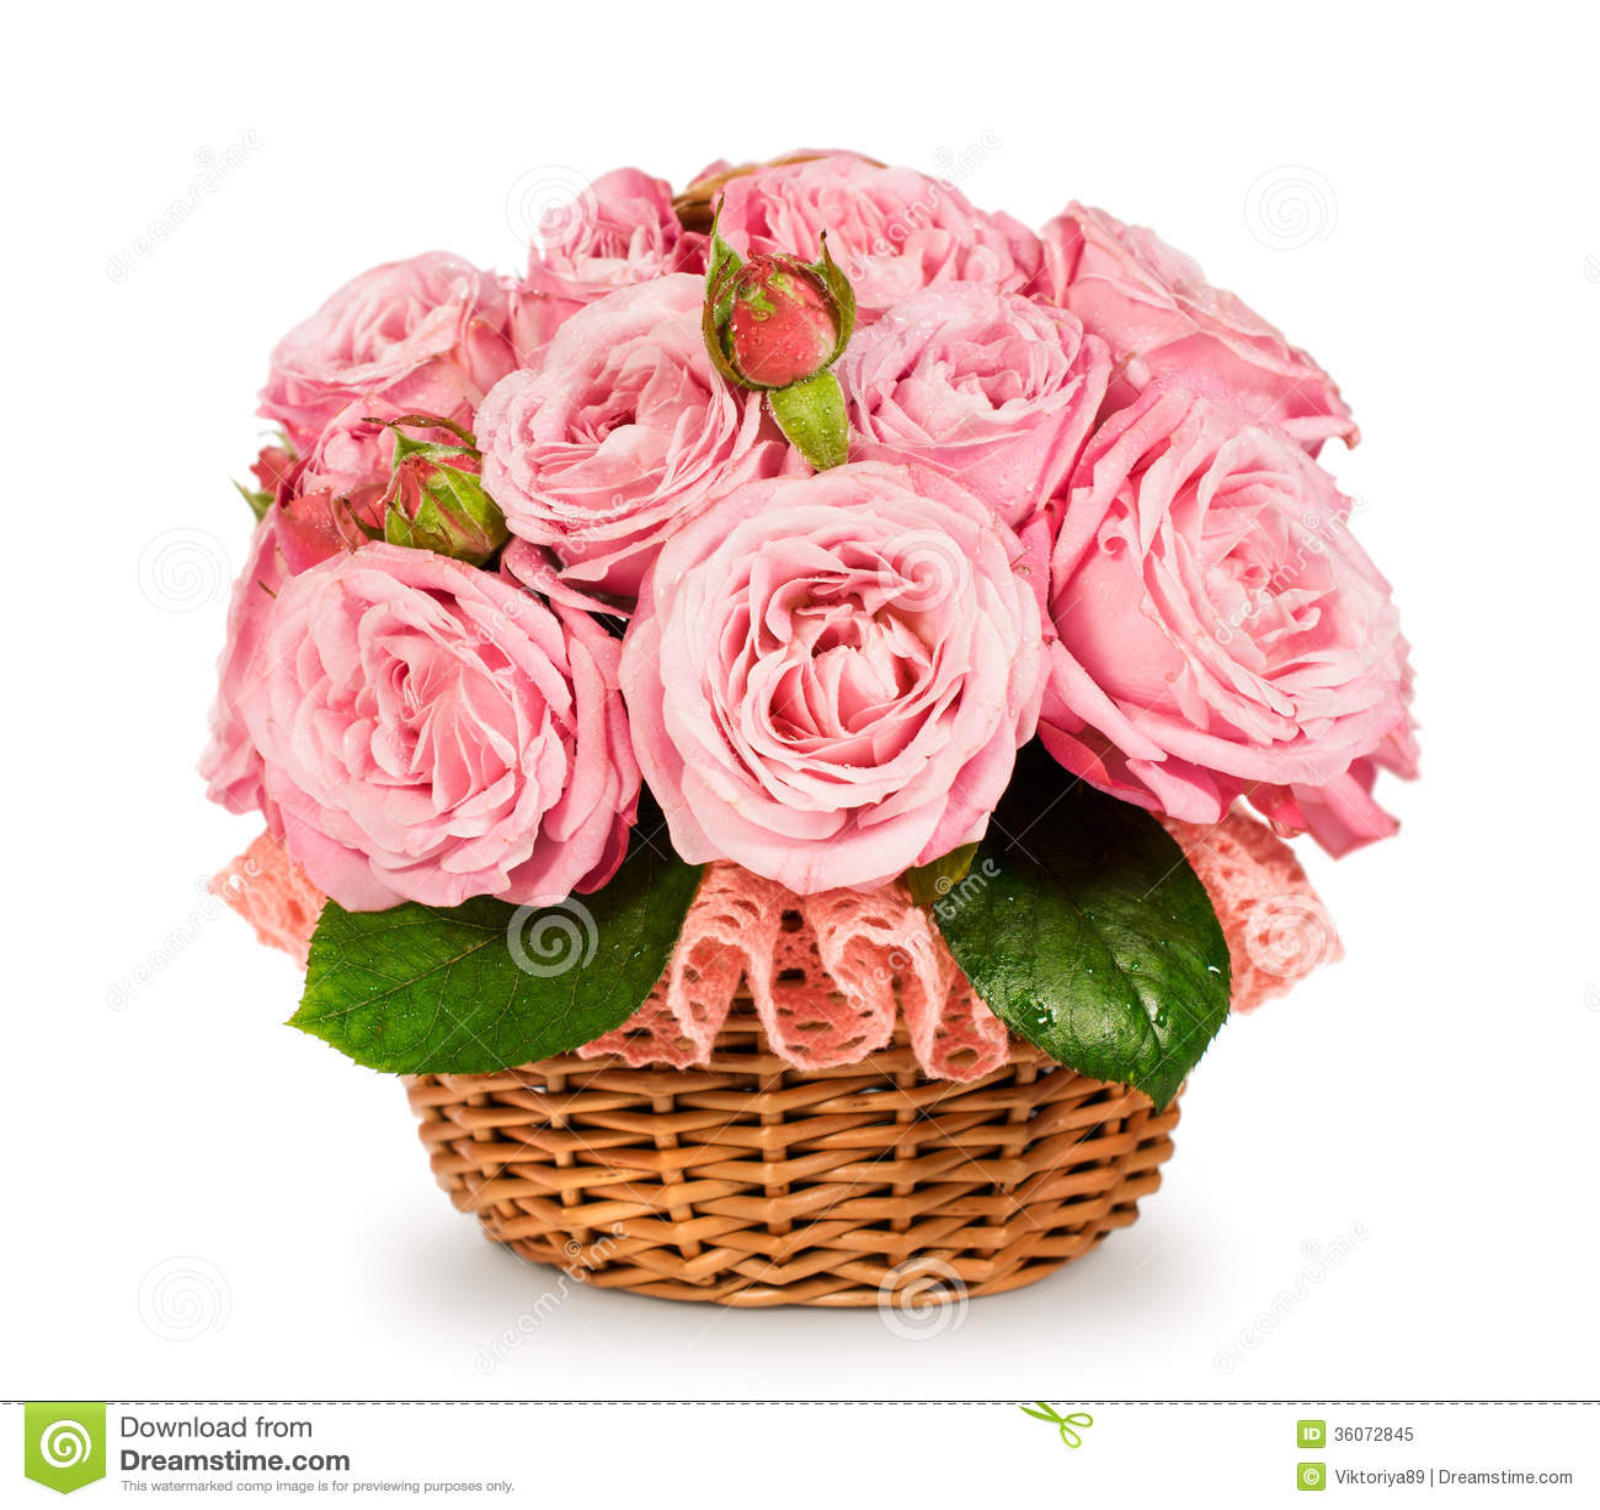 Цветы в подарок калининград